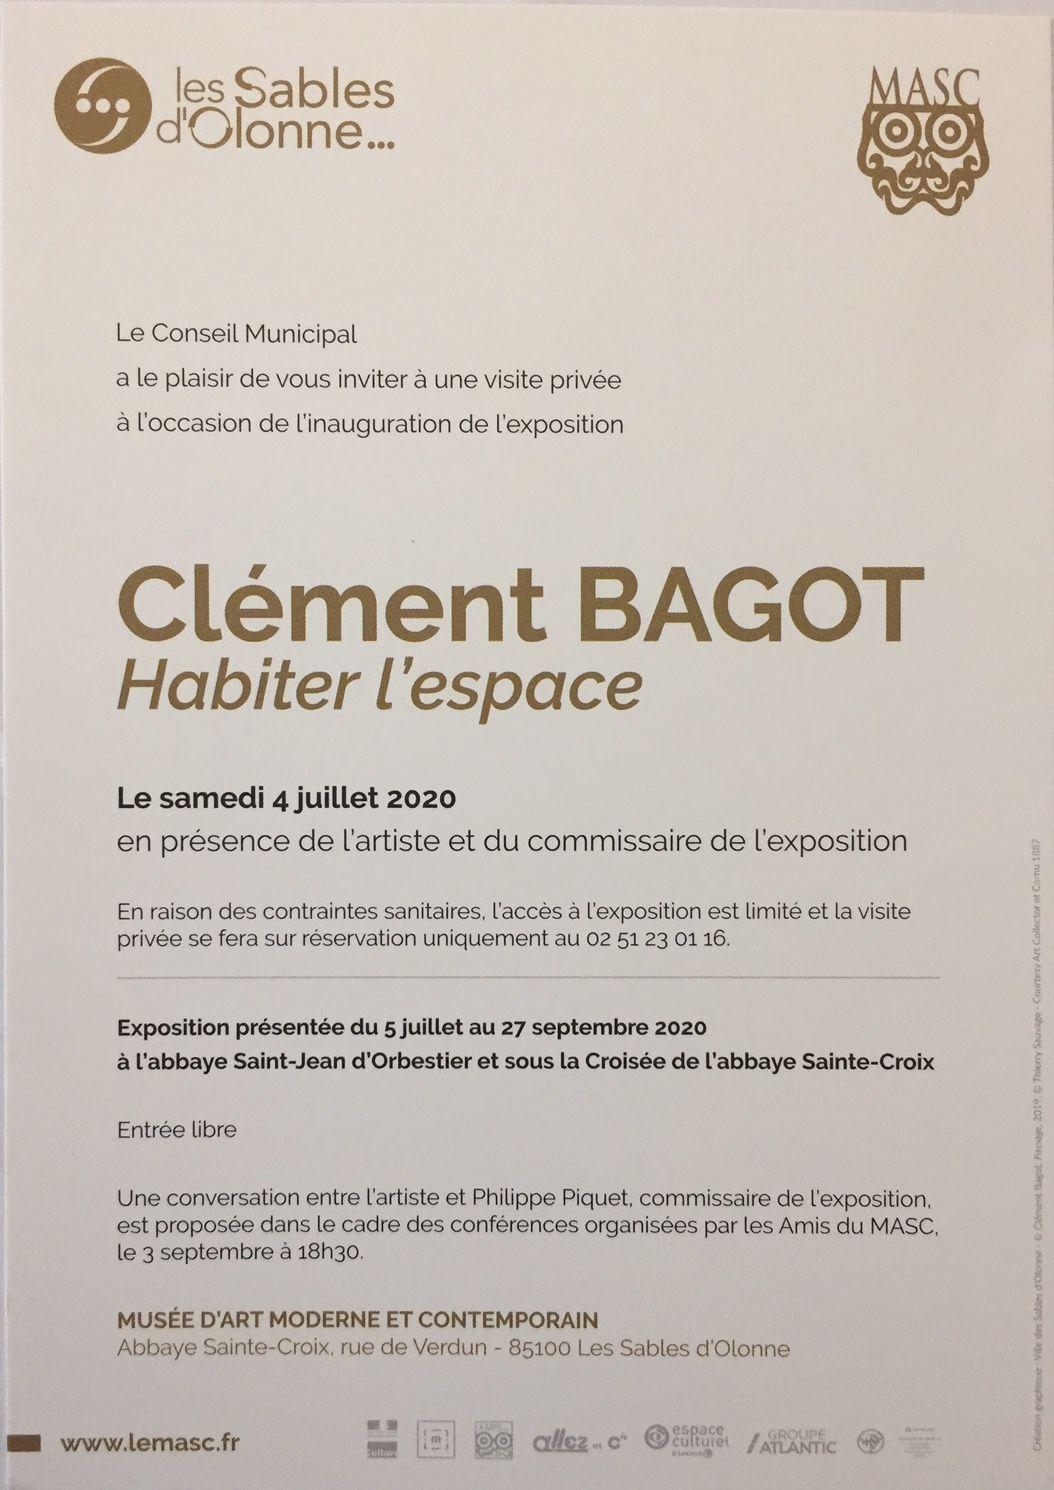 """Les Sables d'Olonne (85), Musée de l'Abbaye Sainte-Croix & Abbaye St-Jean d'Orbestier, commissaire de l'exposition """"Clément Bagot. Habiter l'espace"""", jusqu'au 27 septembre 2020..."""